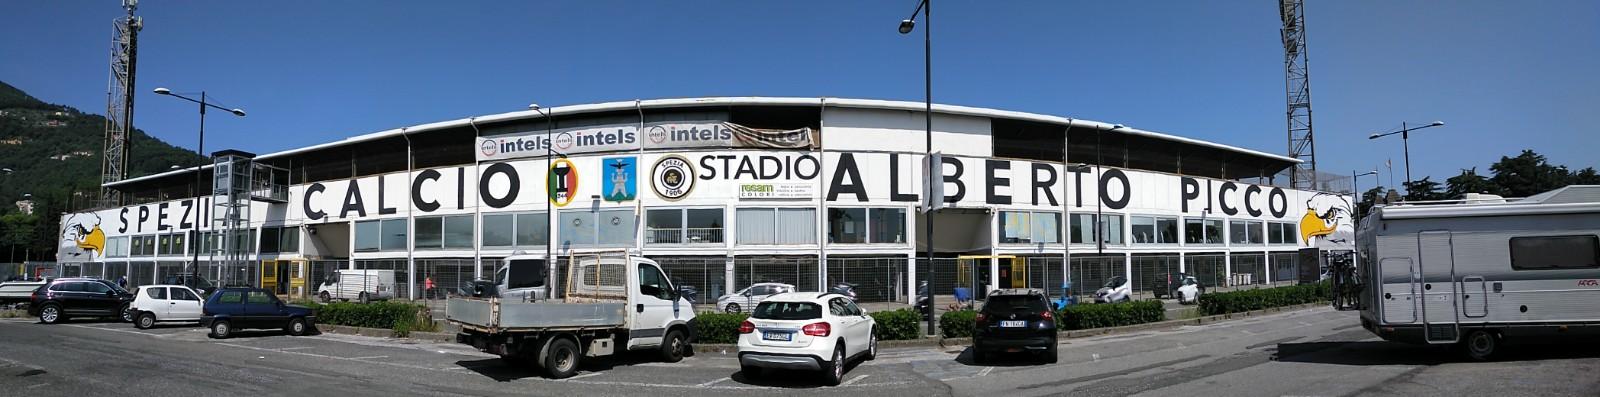 Stadio Alberto Picco, casa del Spezia Calcio.